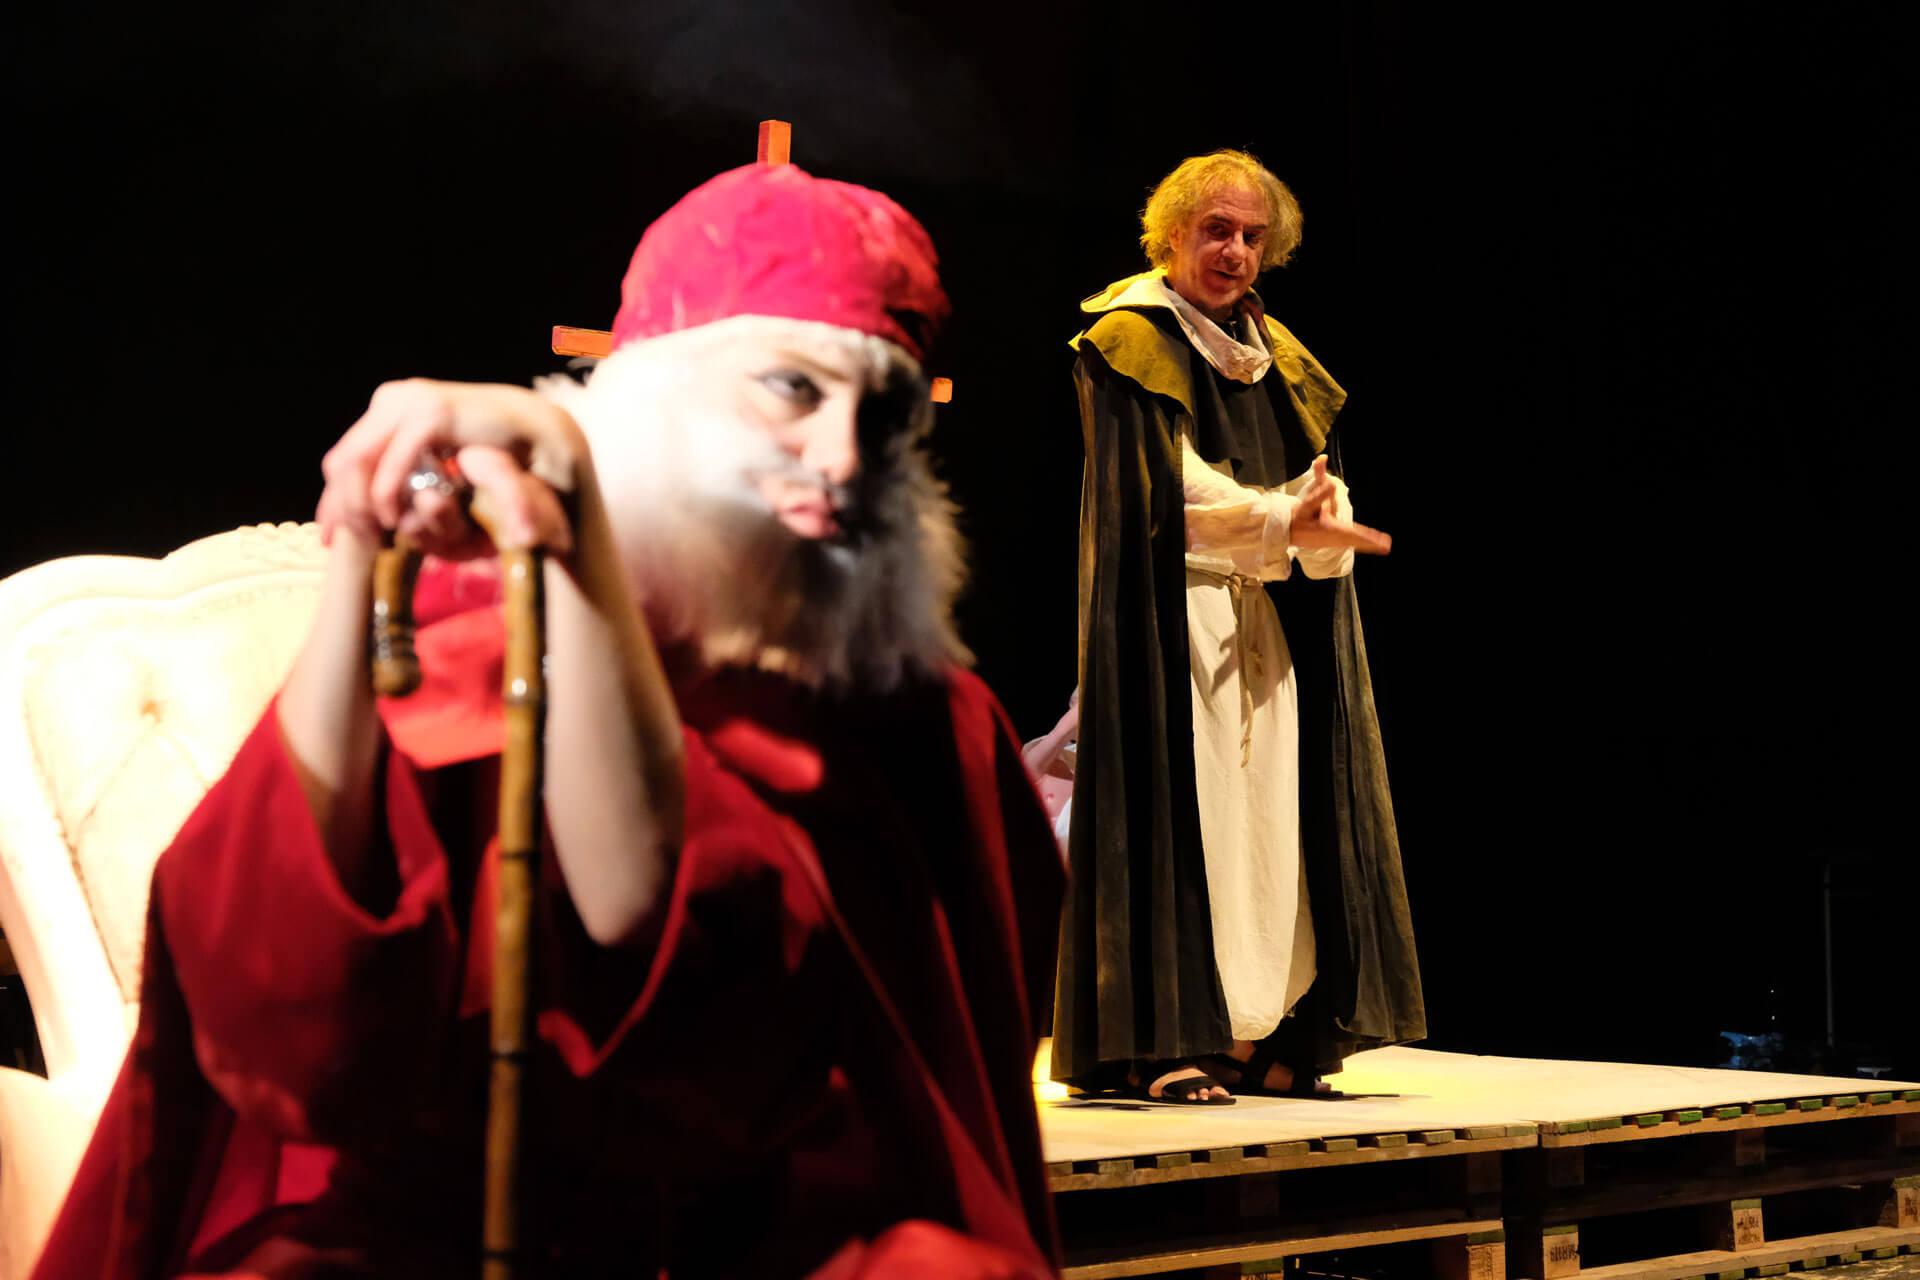 gruppo-teatro-colli-giordano-bruno-2019-6